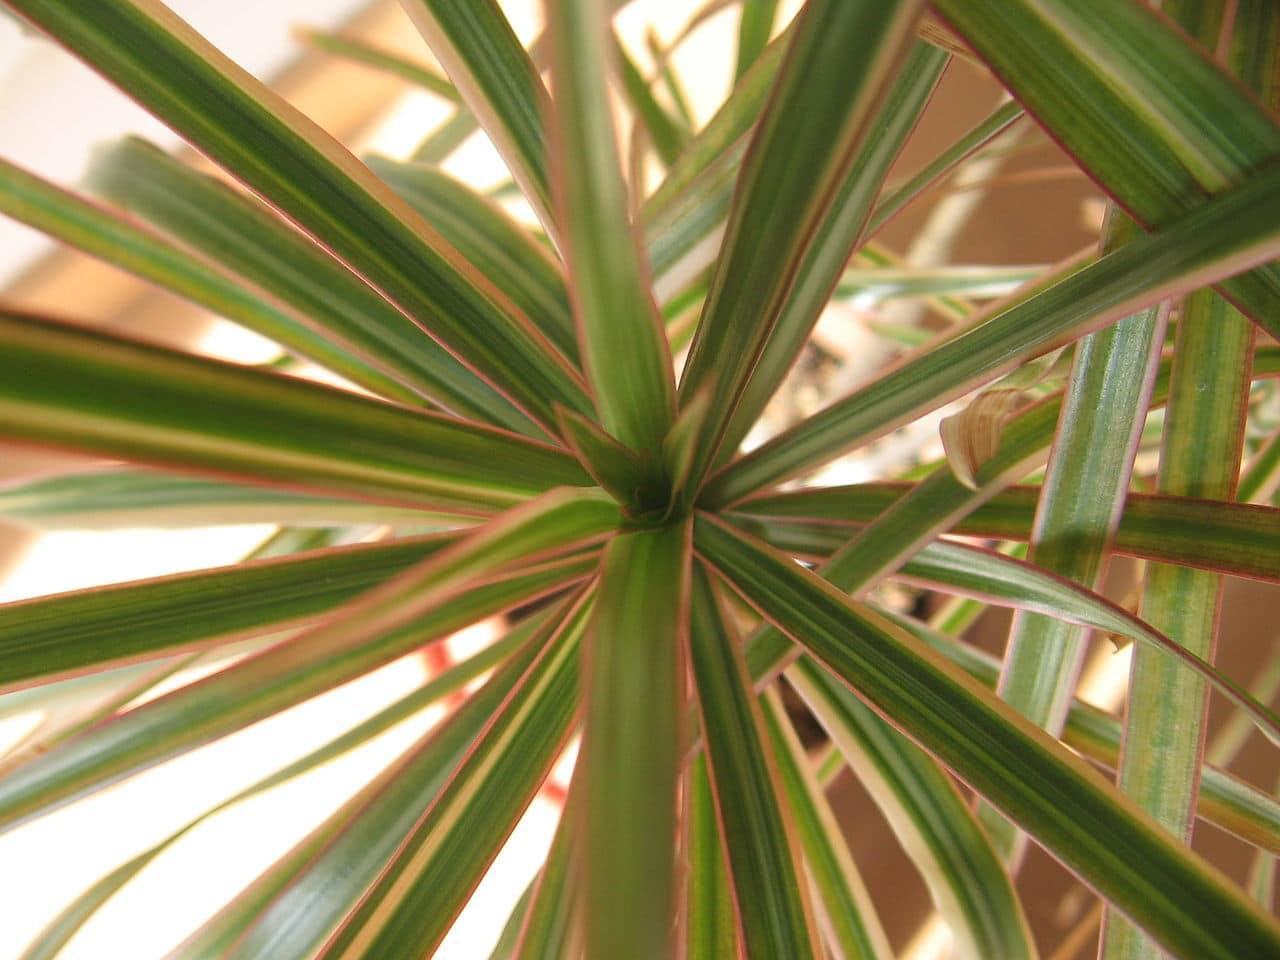 La drácena es una planta arbustiva de fácil cuidados